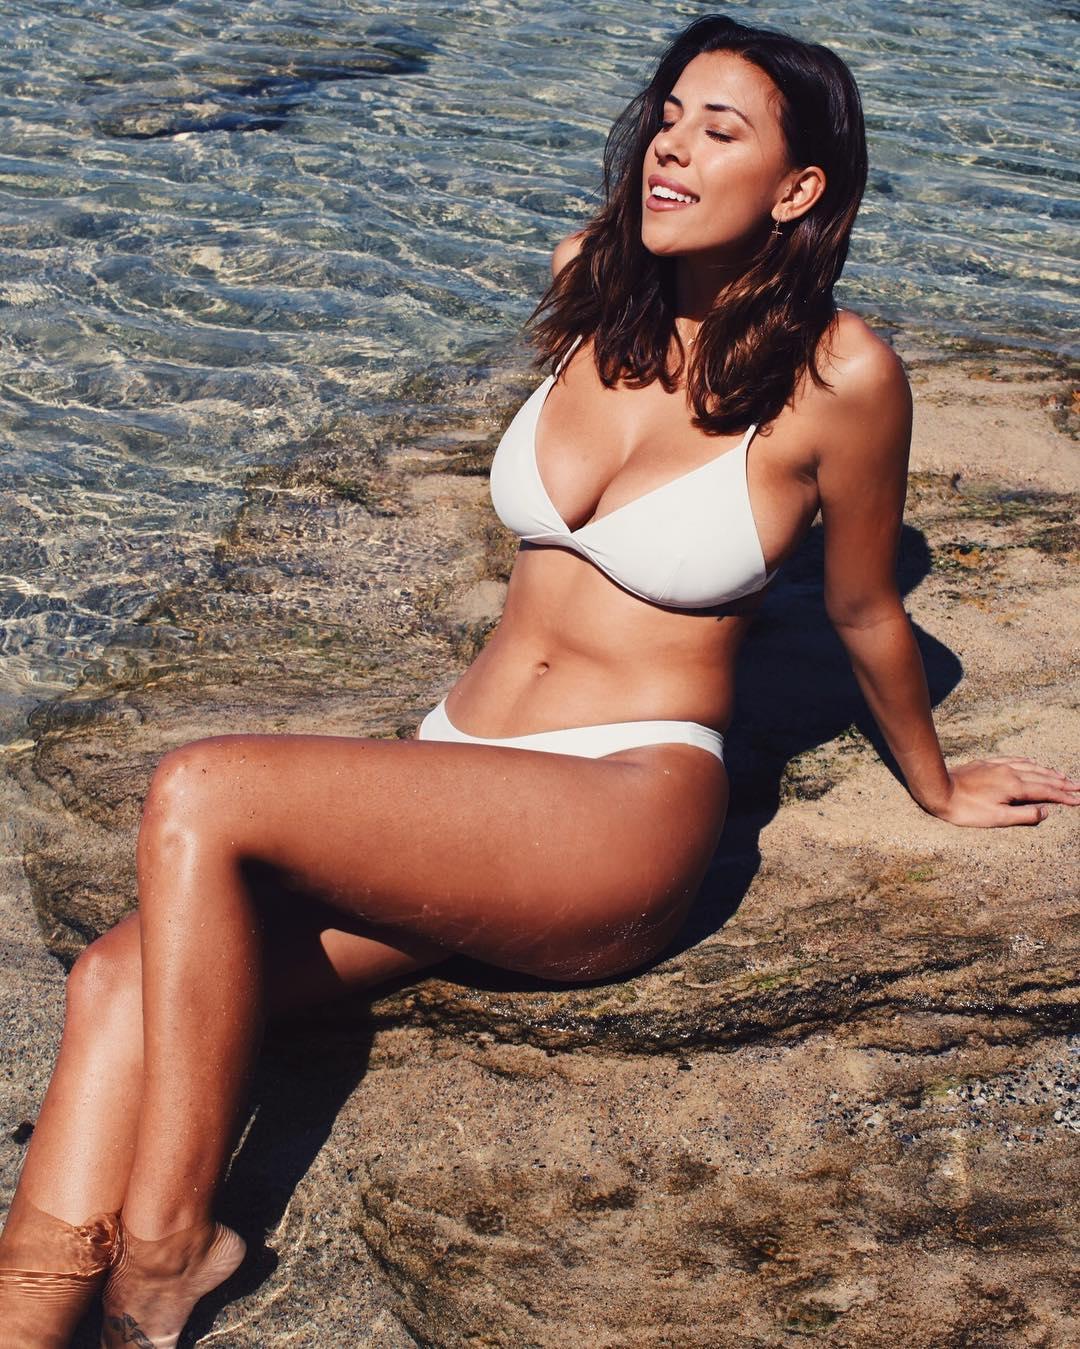 Devin Brugman in Bikini - Instagram